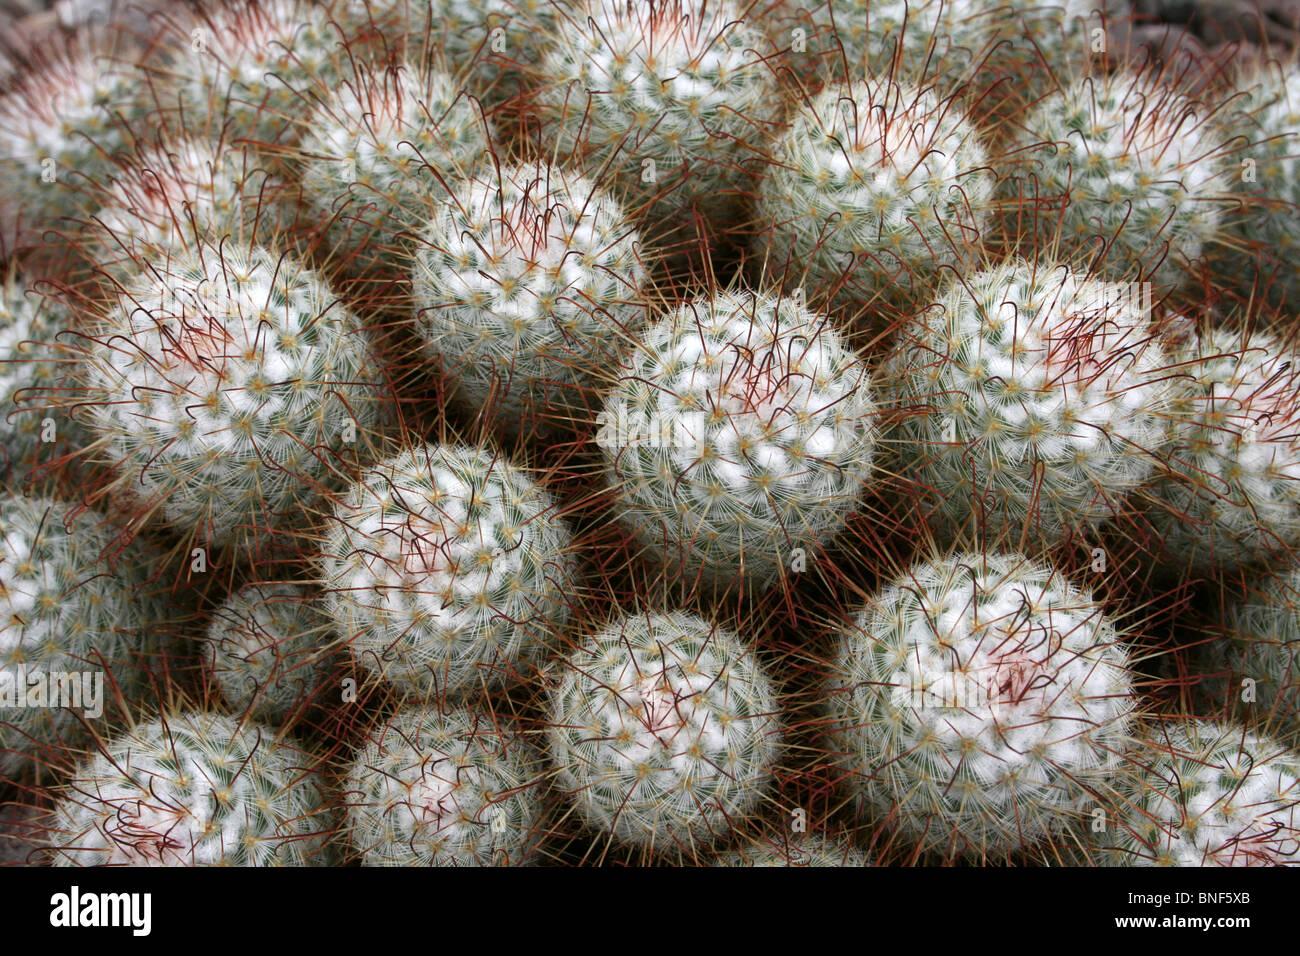 Nahaufnahme von Kaktus am Ness Botanical Gardens, Wirral, UK Stockfoto